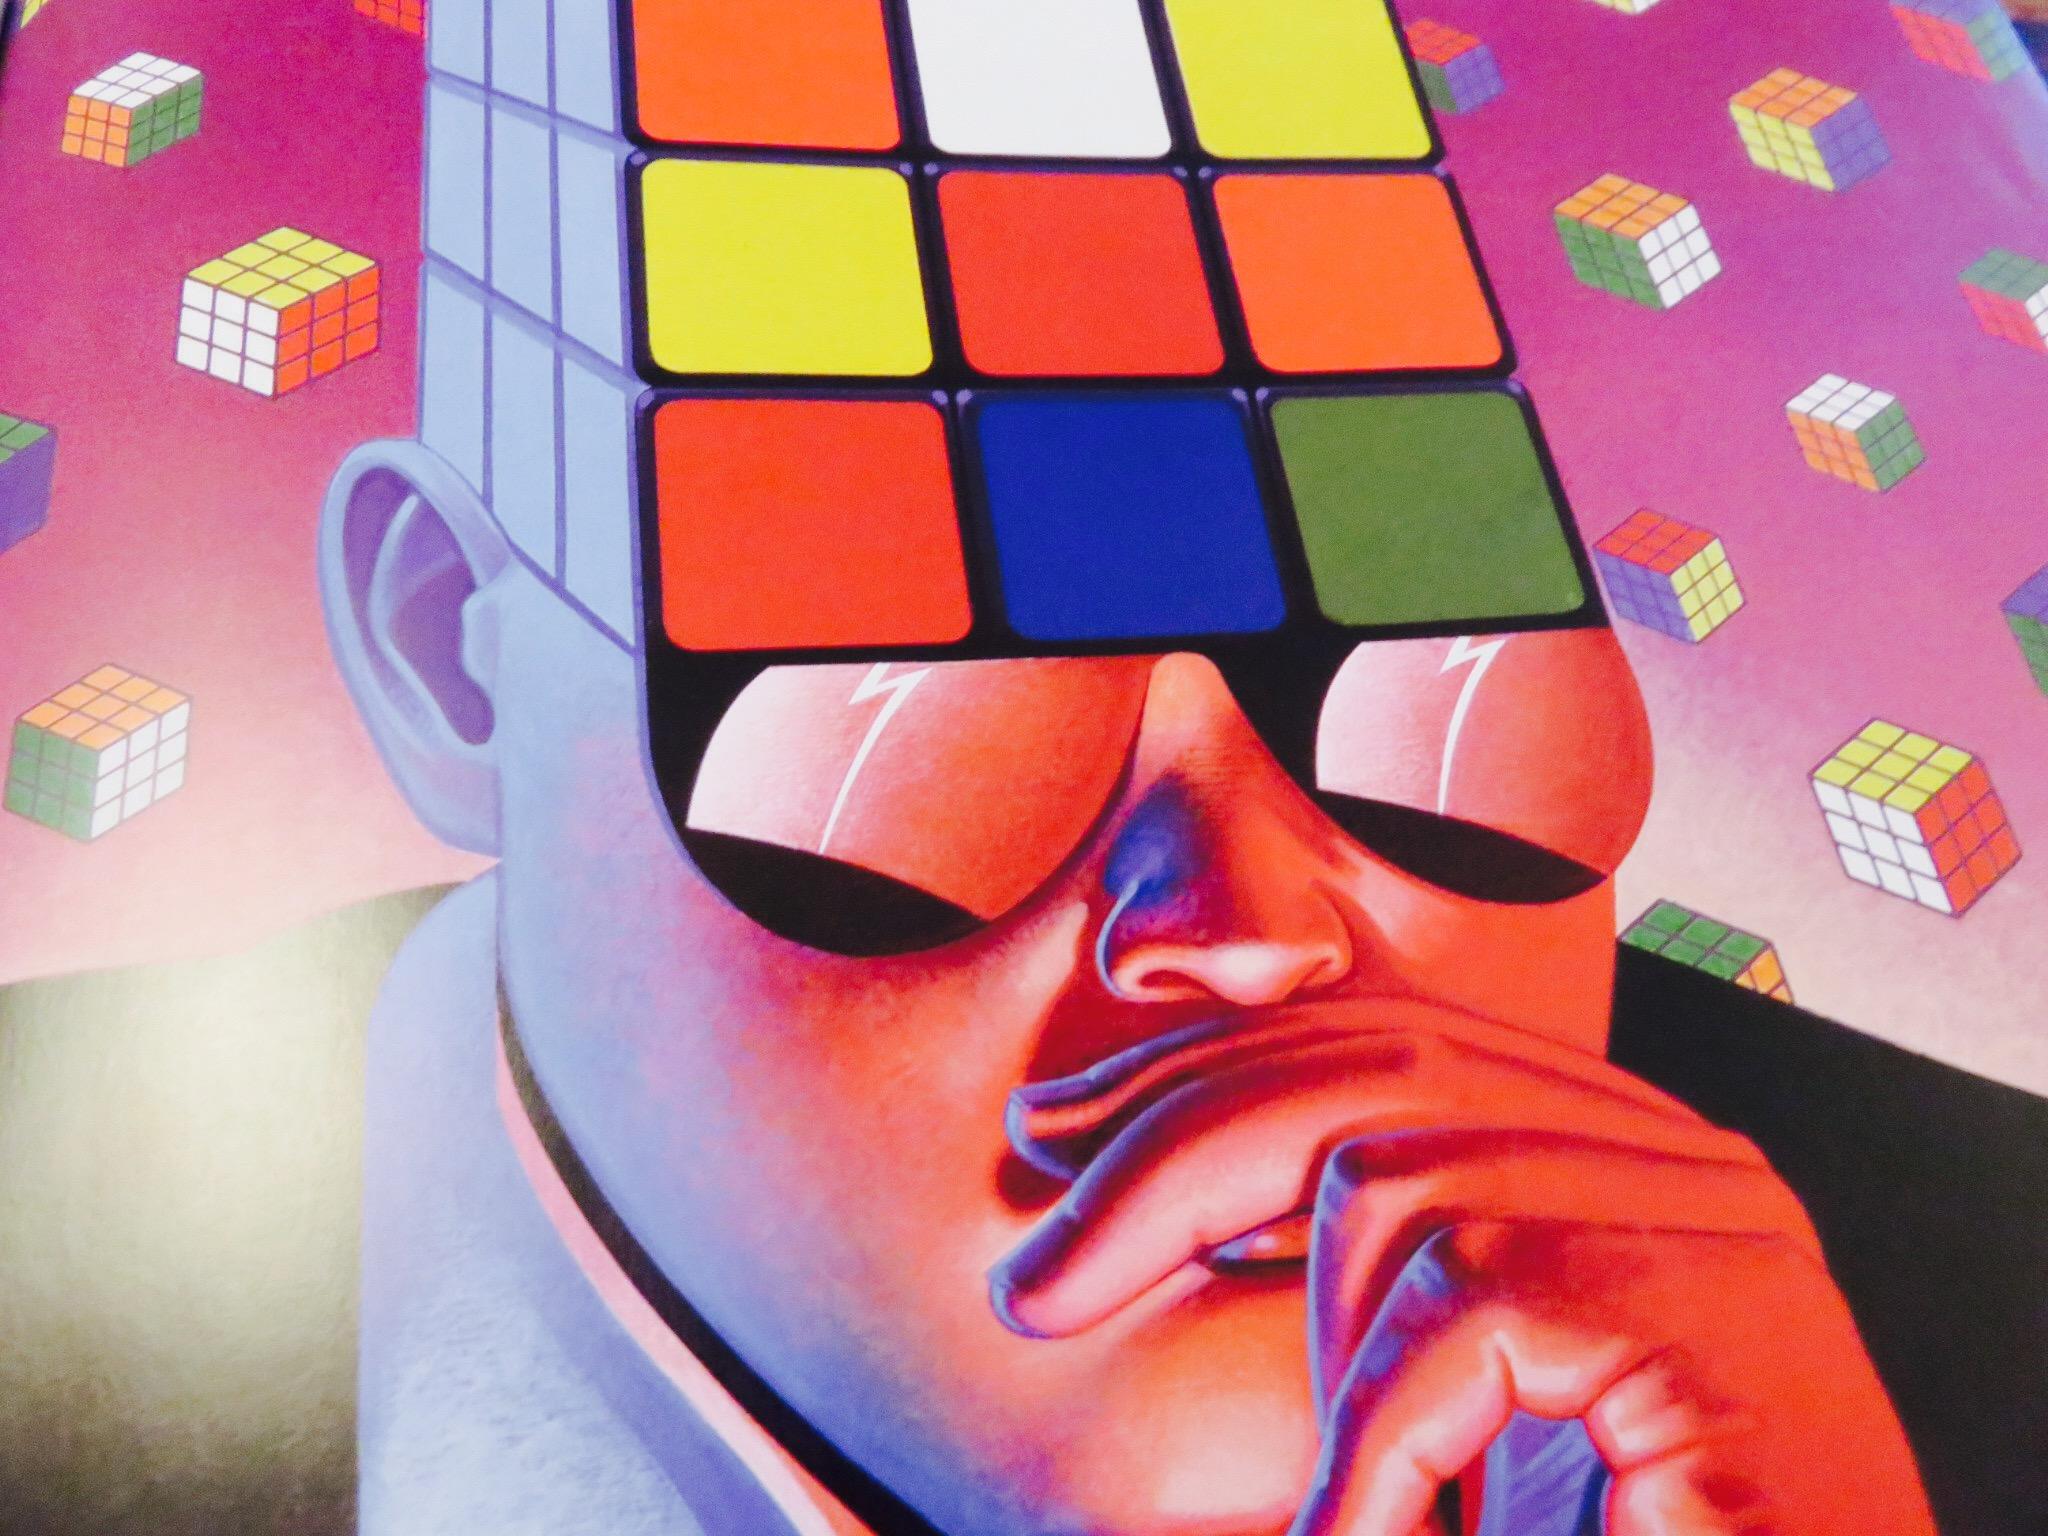 Rubik's Cube  box art.© The Art of Atari